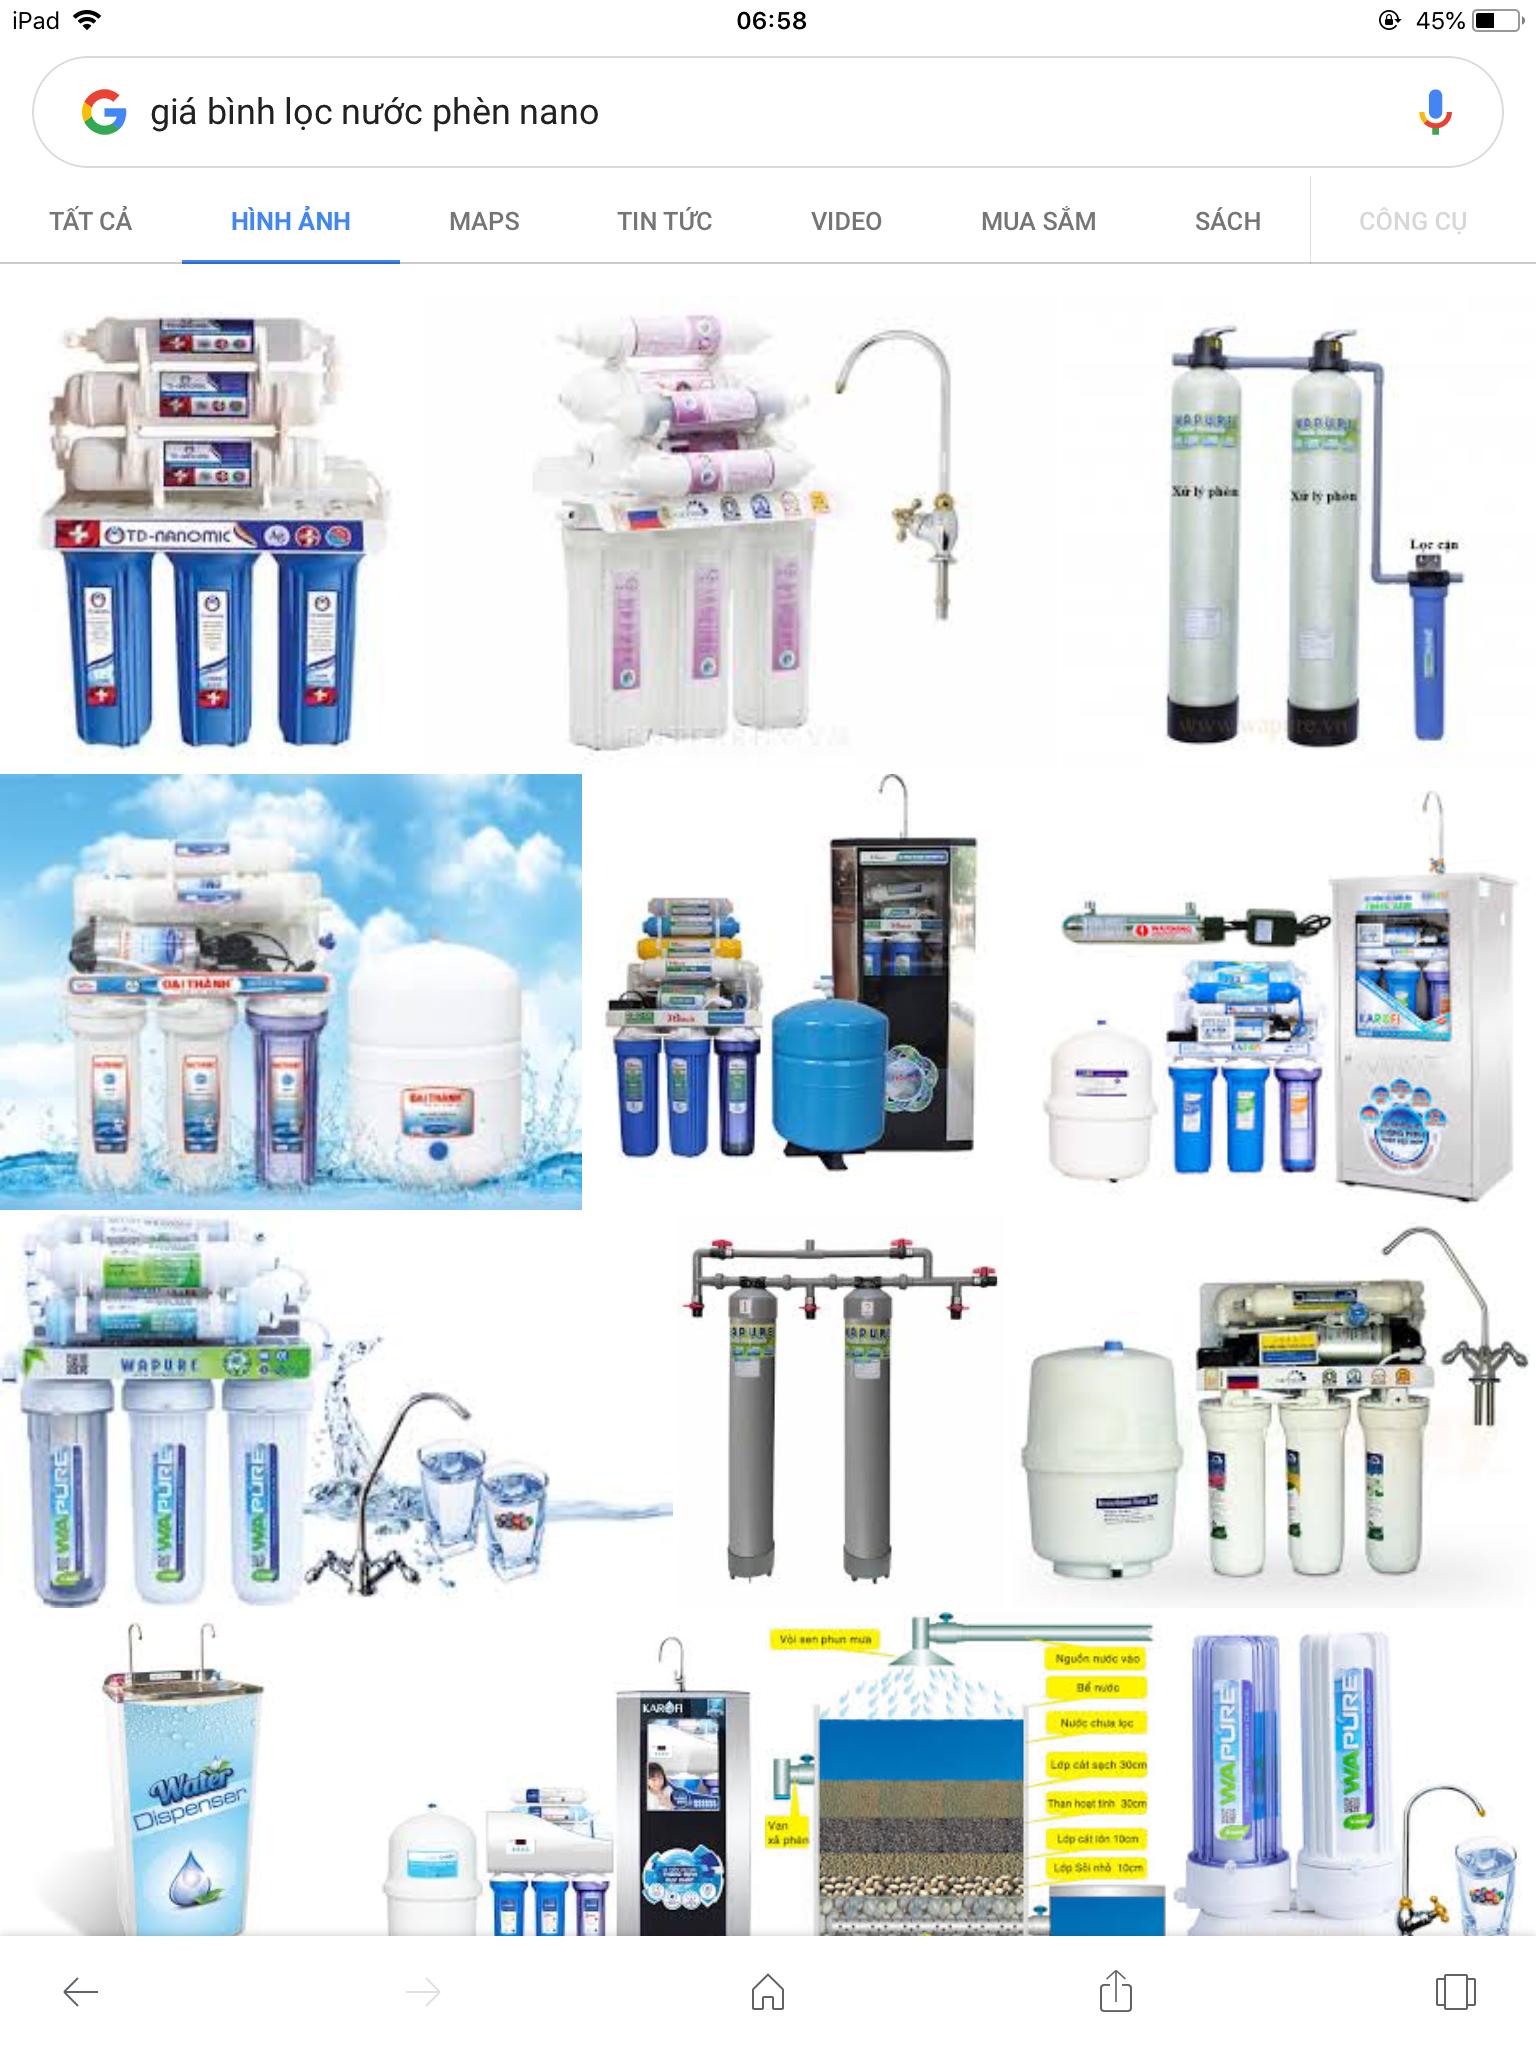 Bộ lọc nước nano tiện dụng cho gia đình